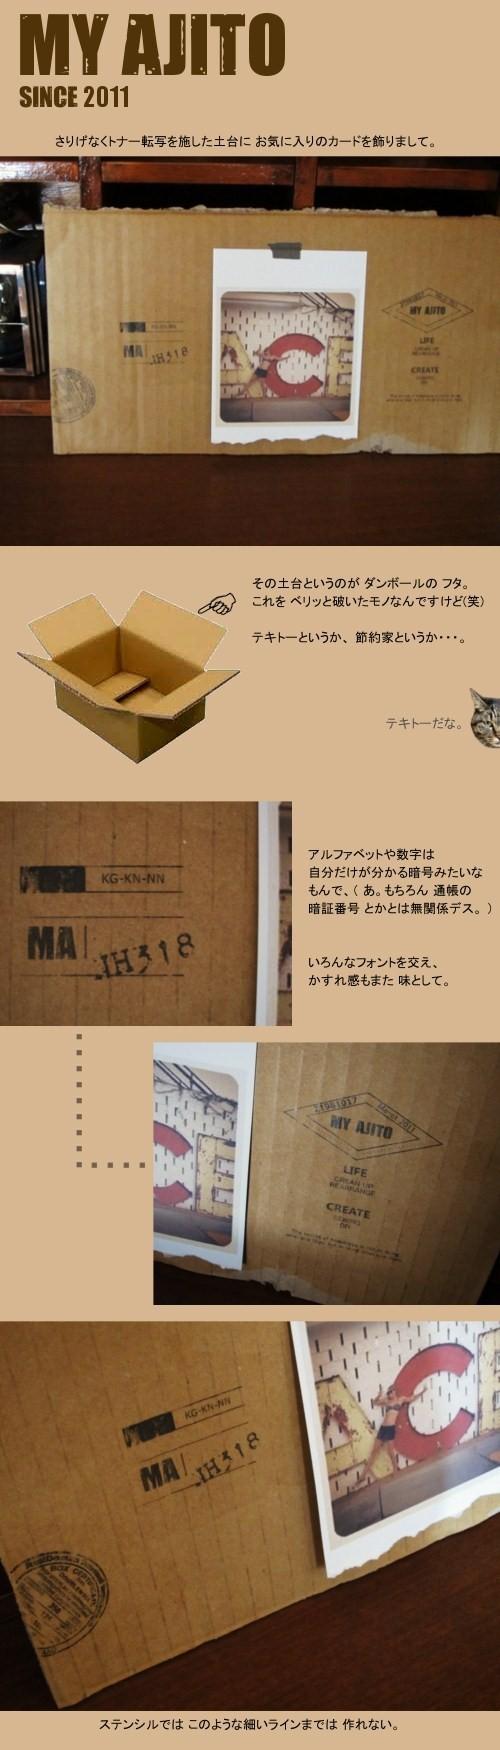 tensha2_2.jpg